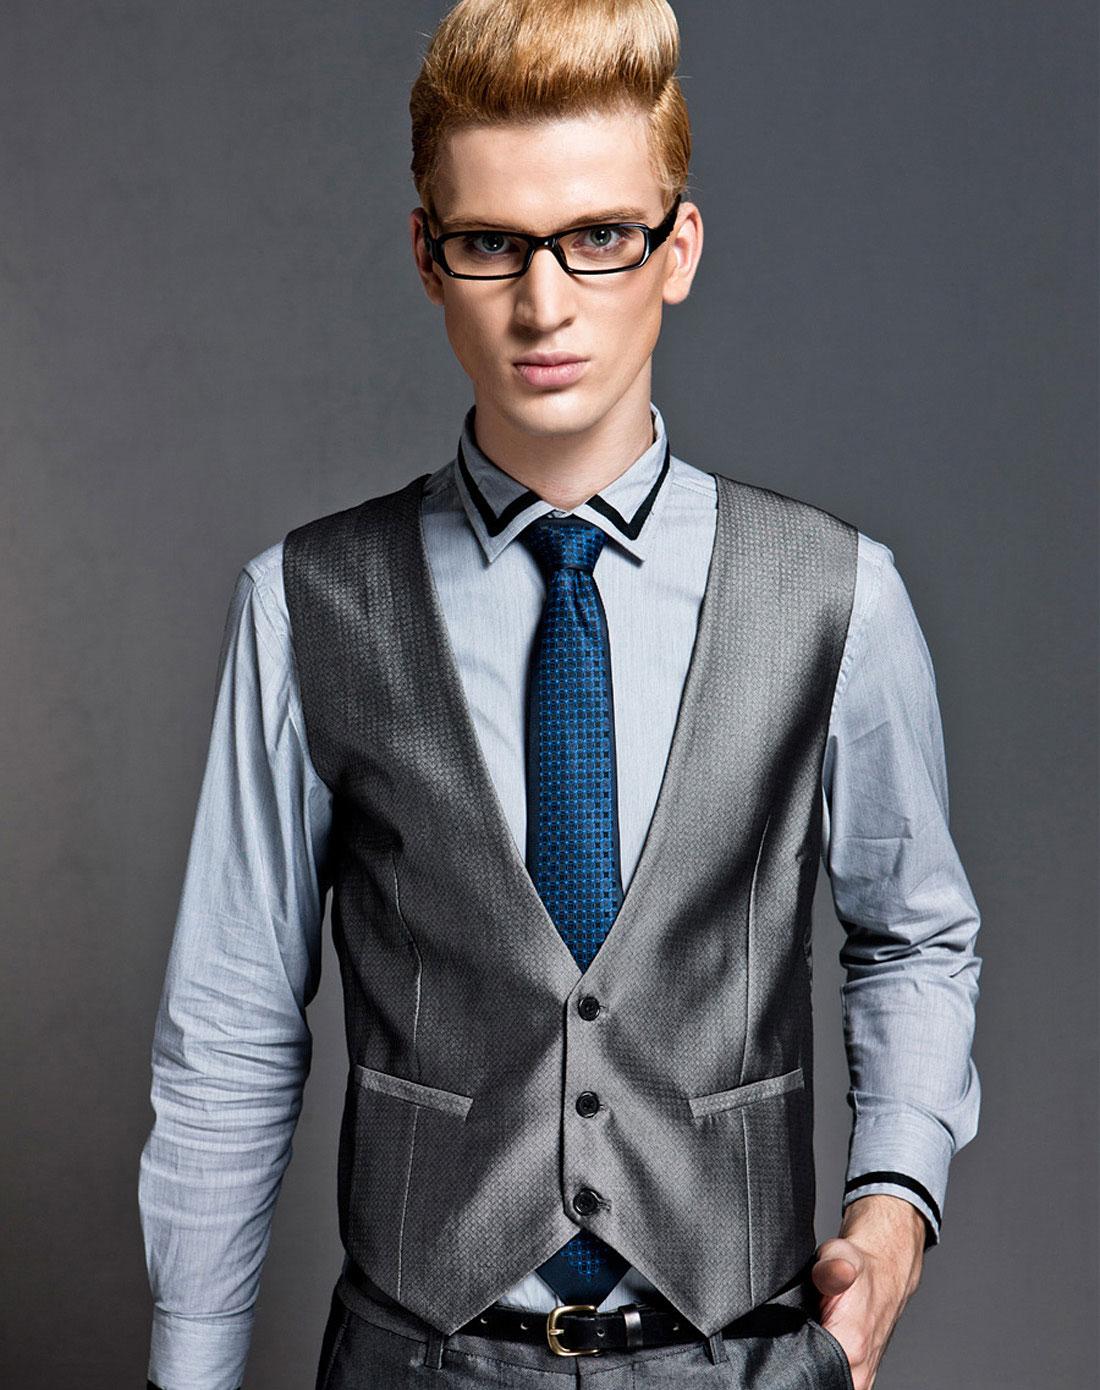 银灰色时尚v领修身西装马甲背心